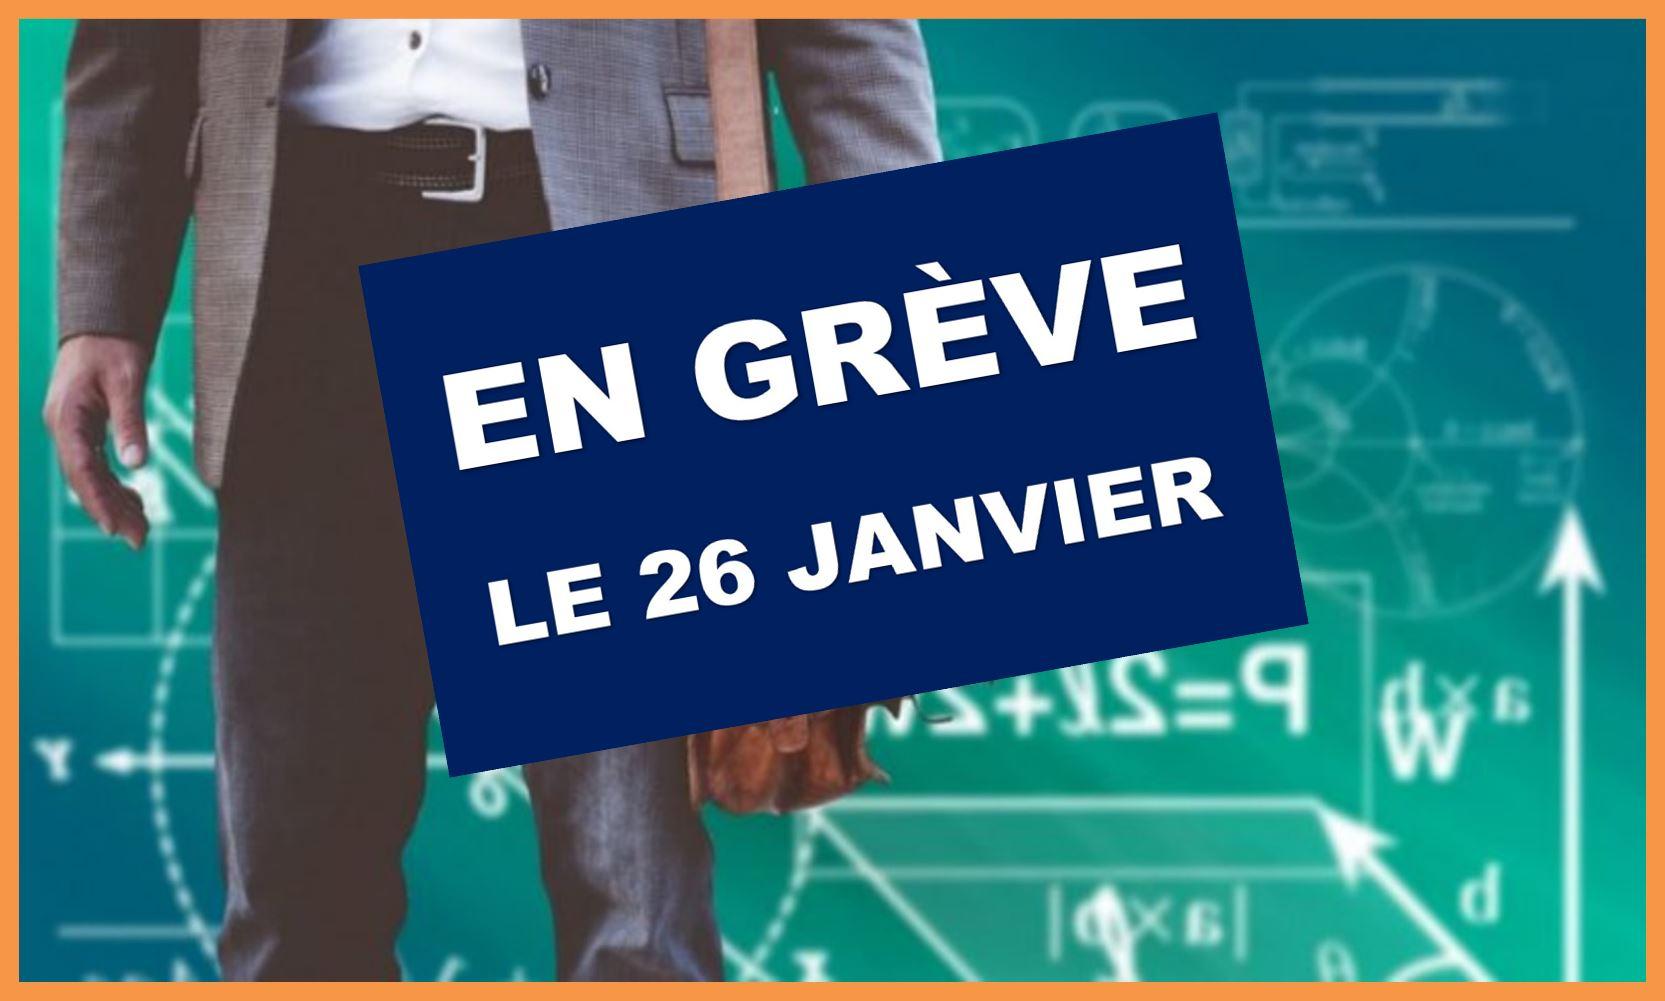 GREVE_20210126_1